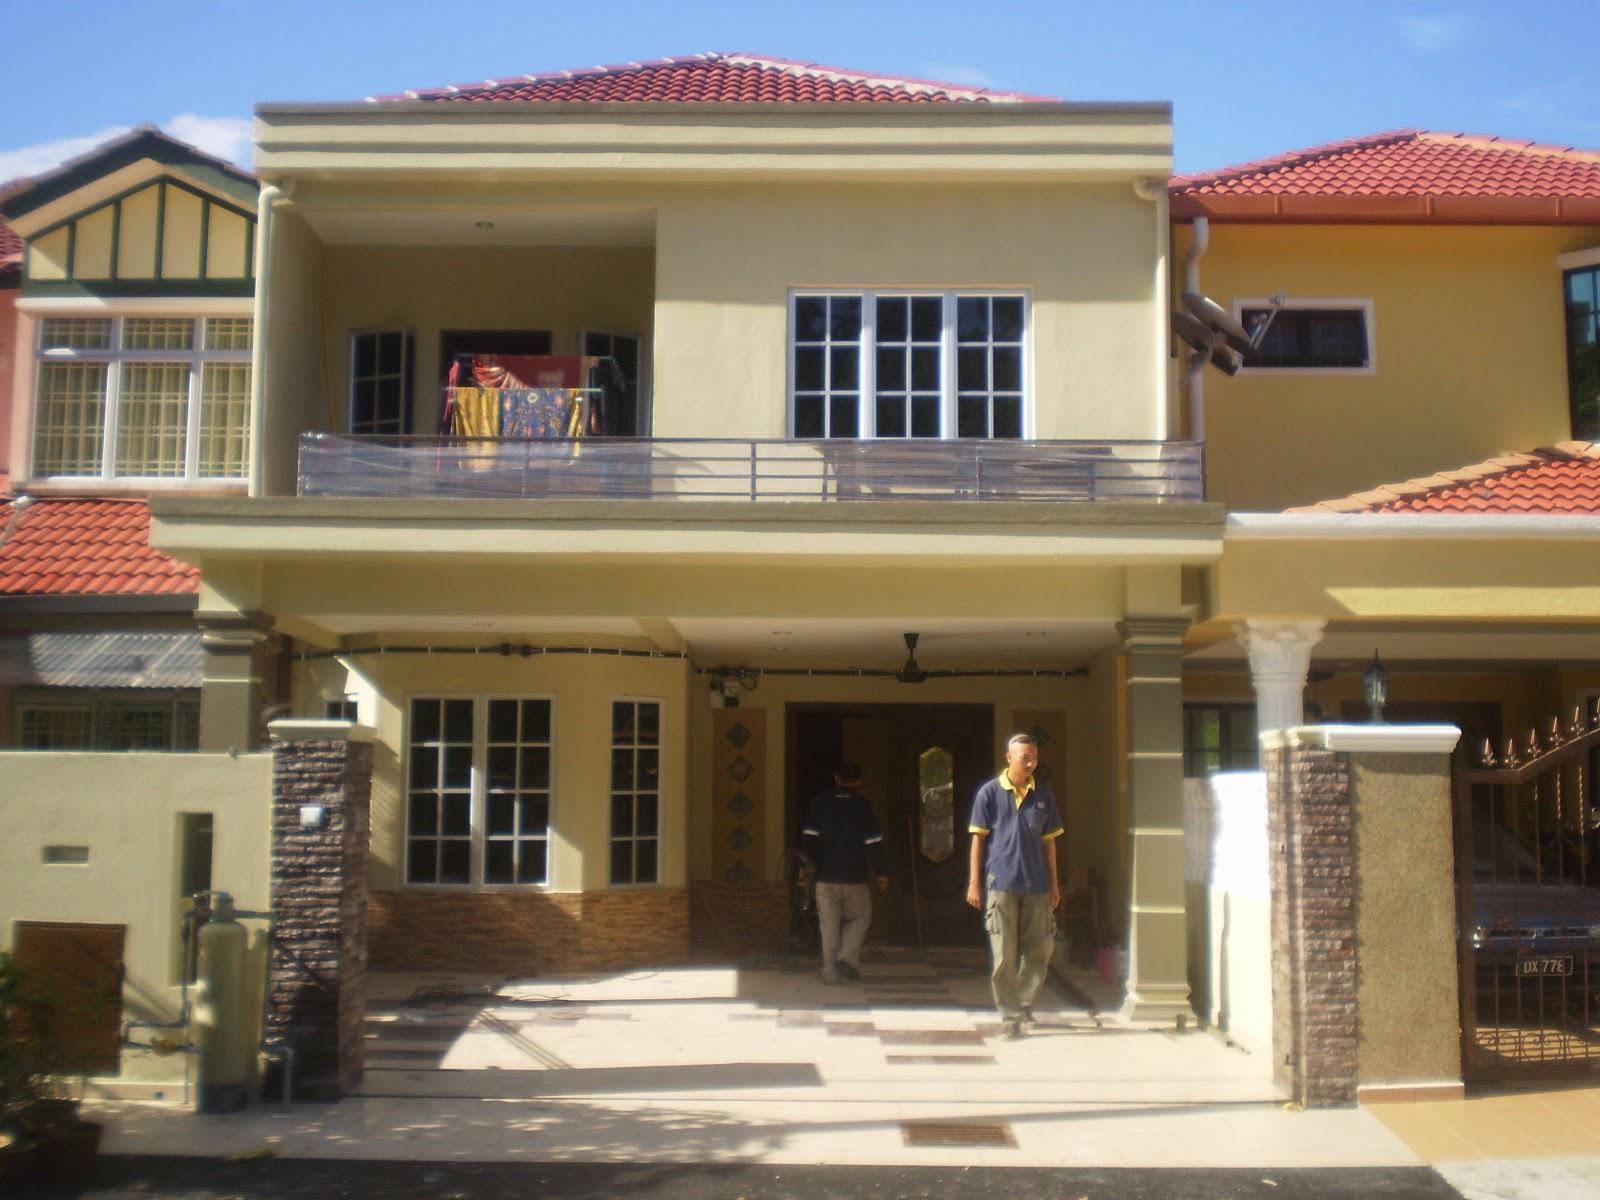 Ubahsuai Dapur Rumah Teres Dua Tingkat Desainrumahid